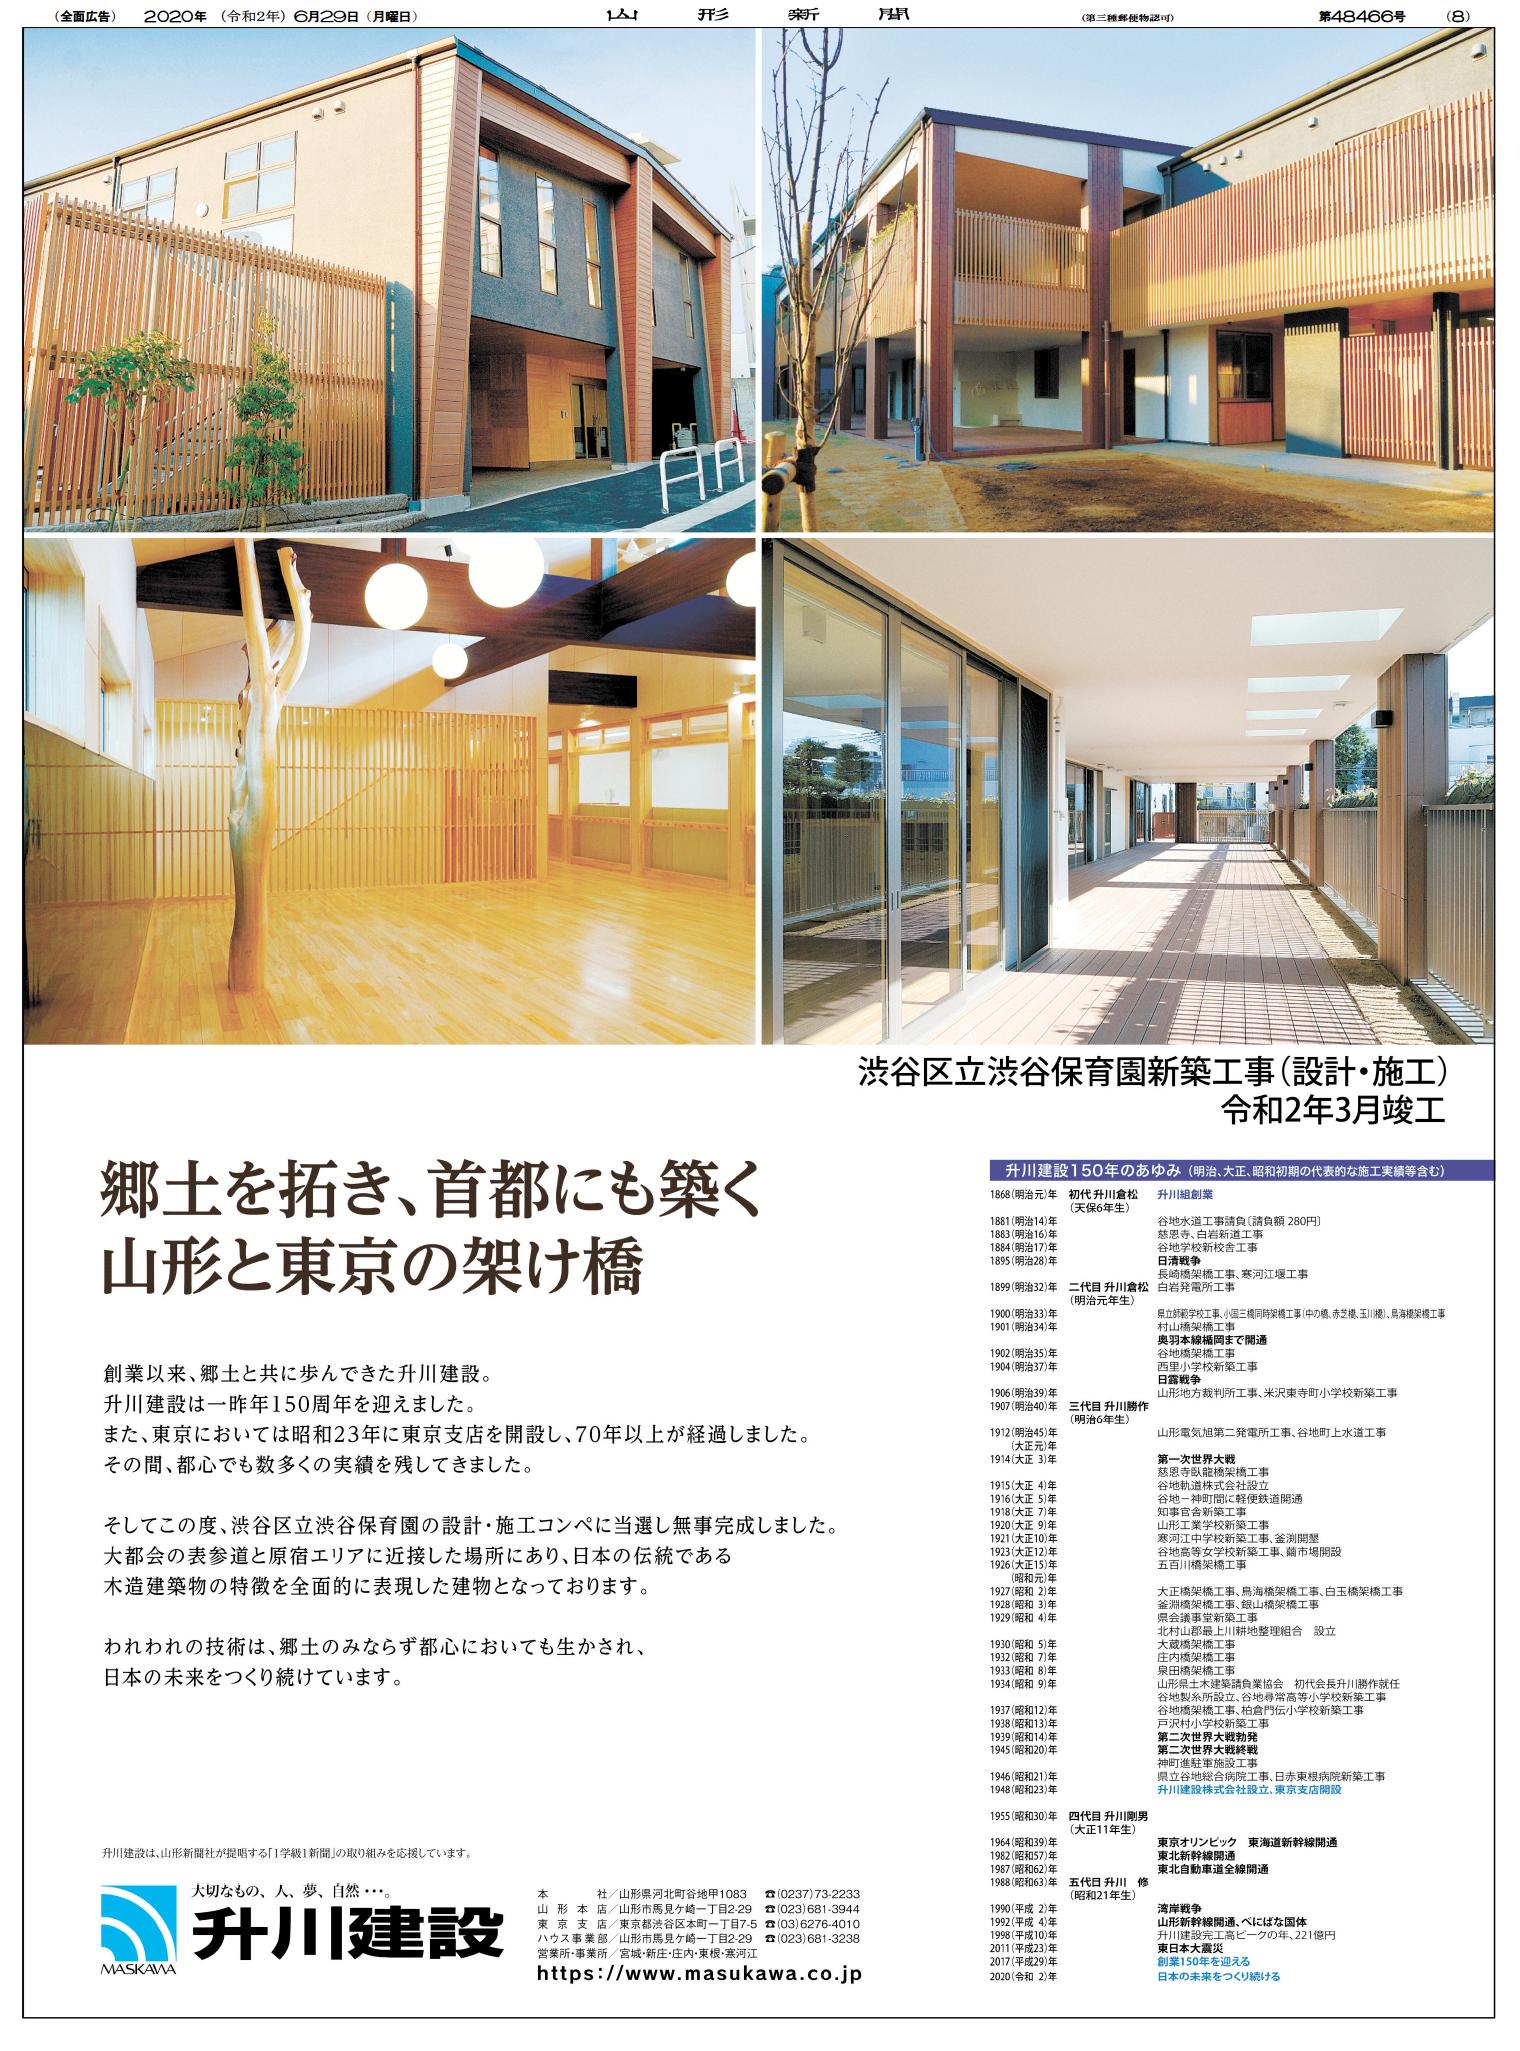 令和2年6月29日 山形新聞.png